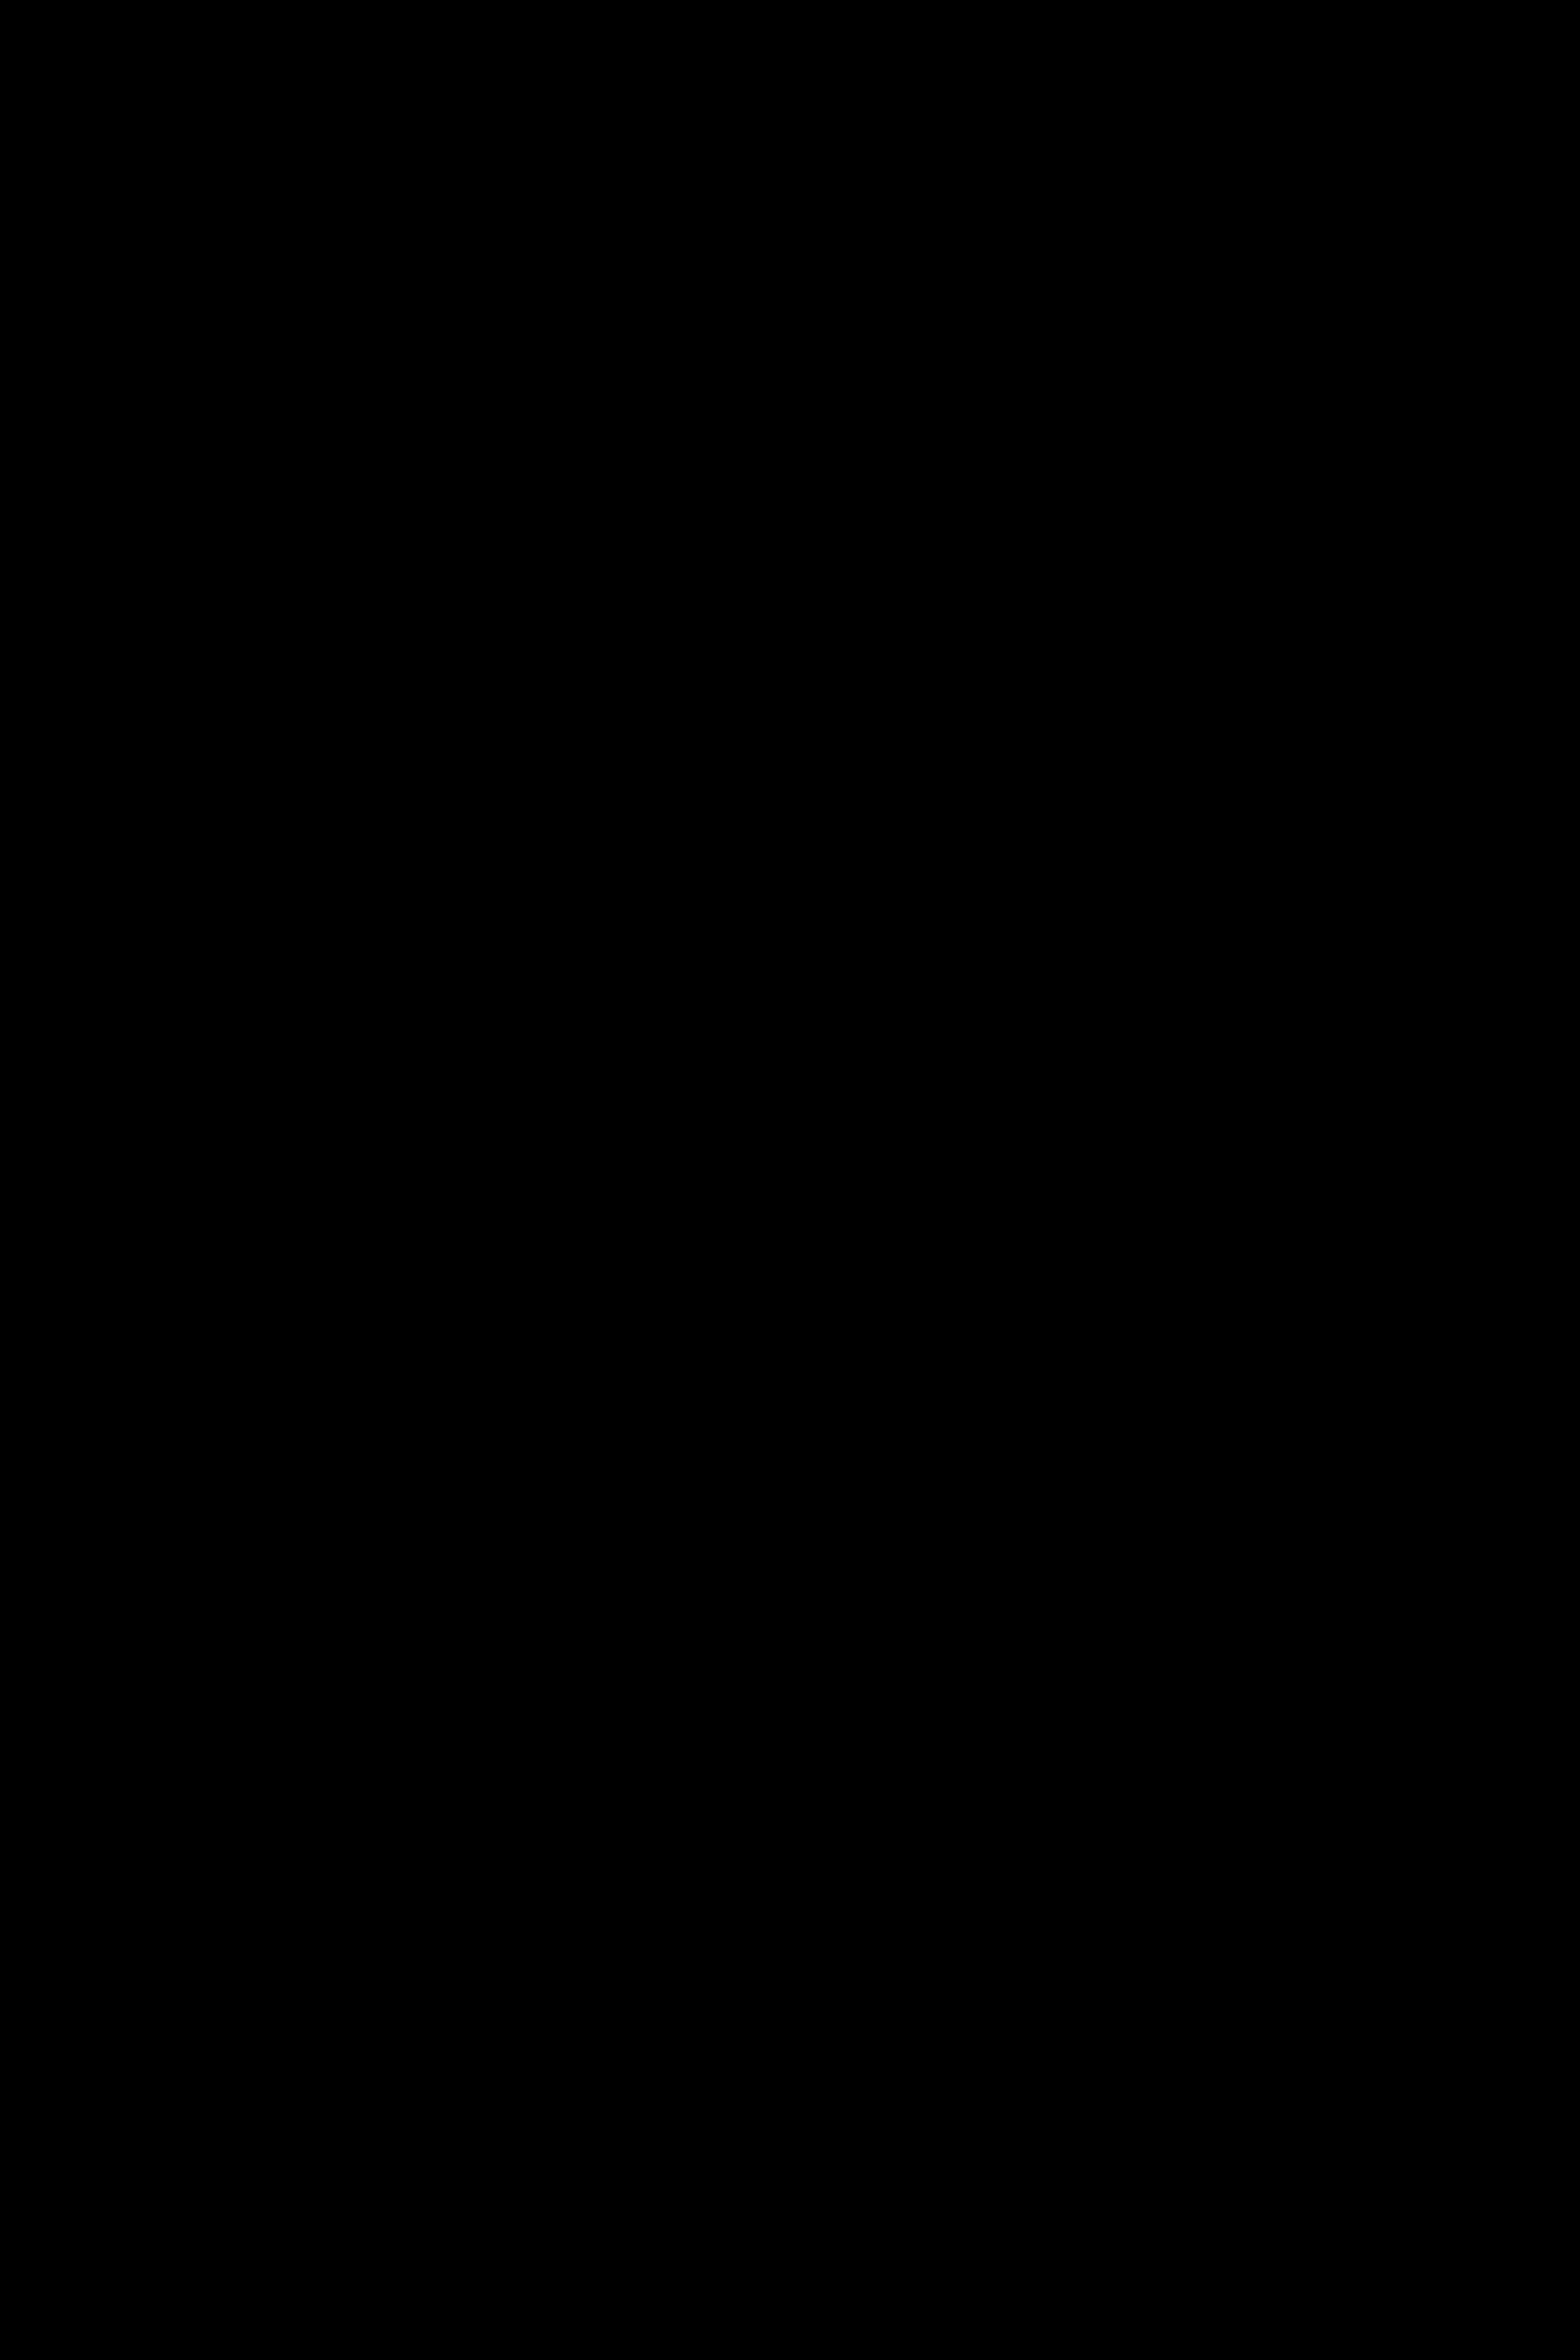 Gartentisch Aus Kunststoff Dunkelgrau Hier Finden In 2021 Gartentisch Outdoor Tisch Tisch